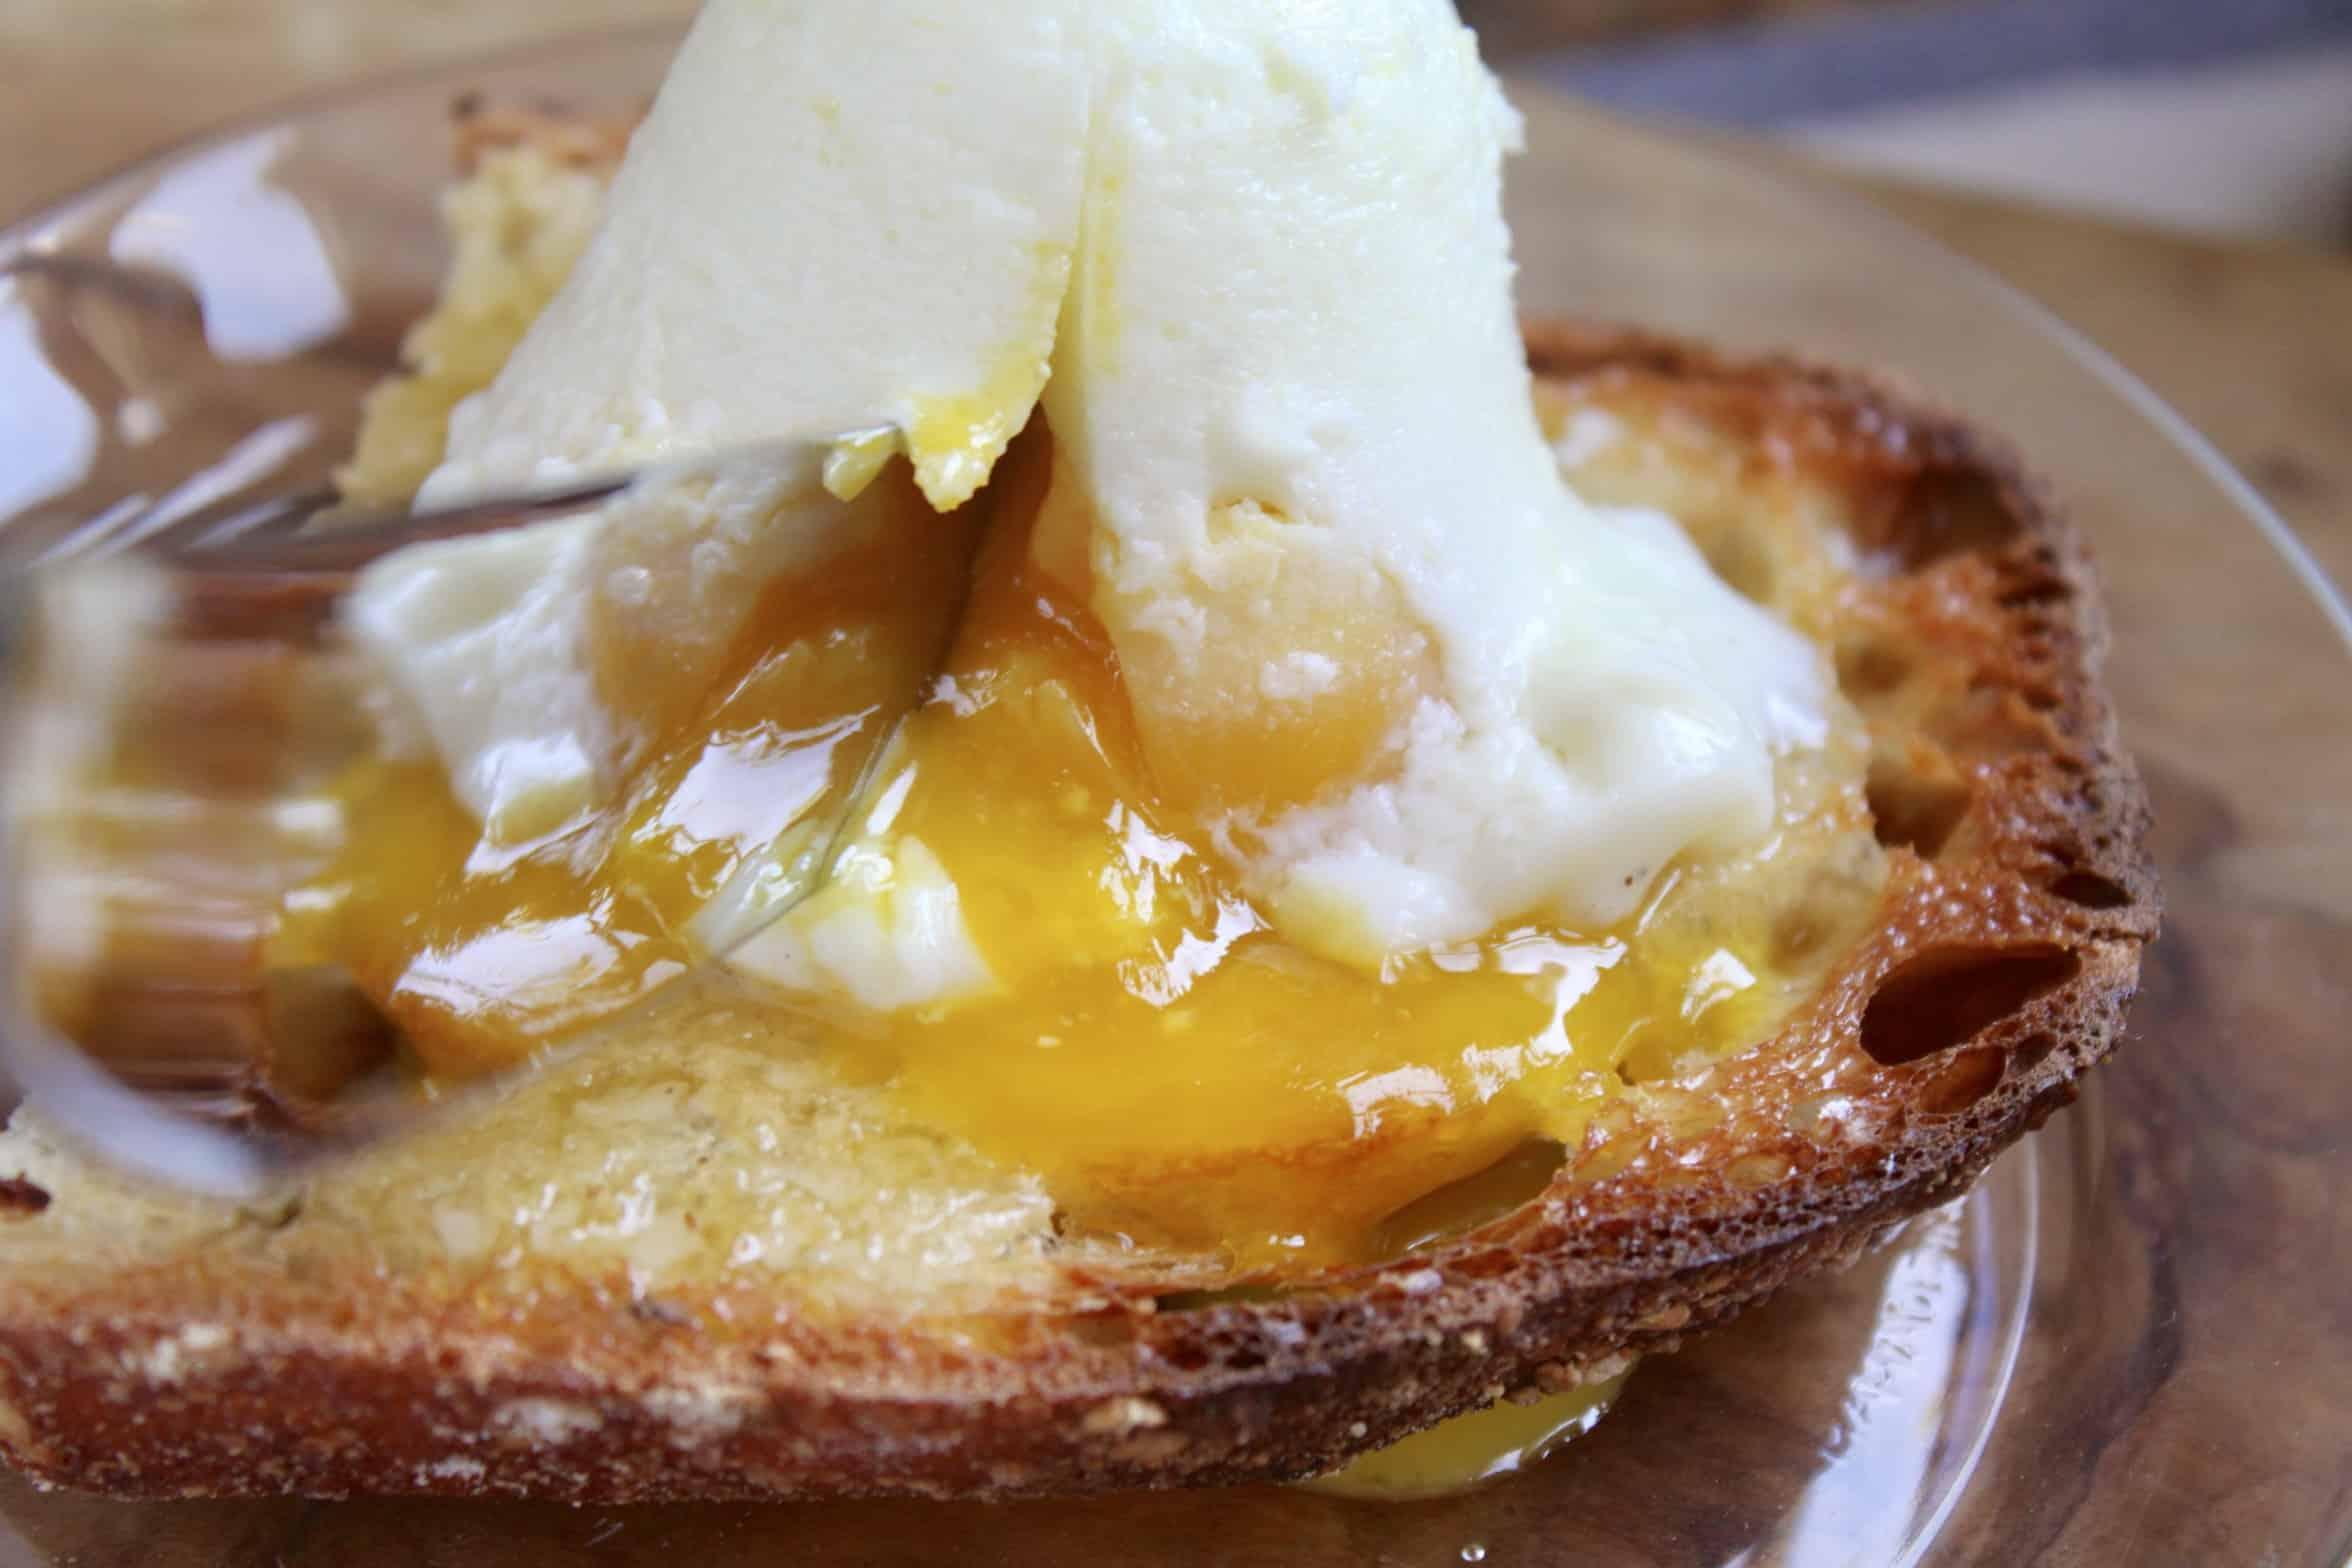 coddled egg on toast